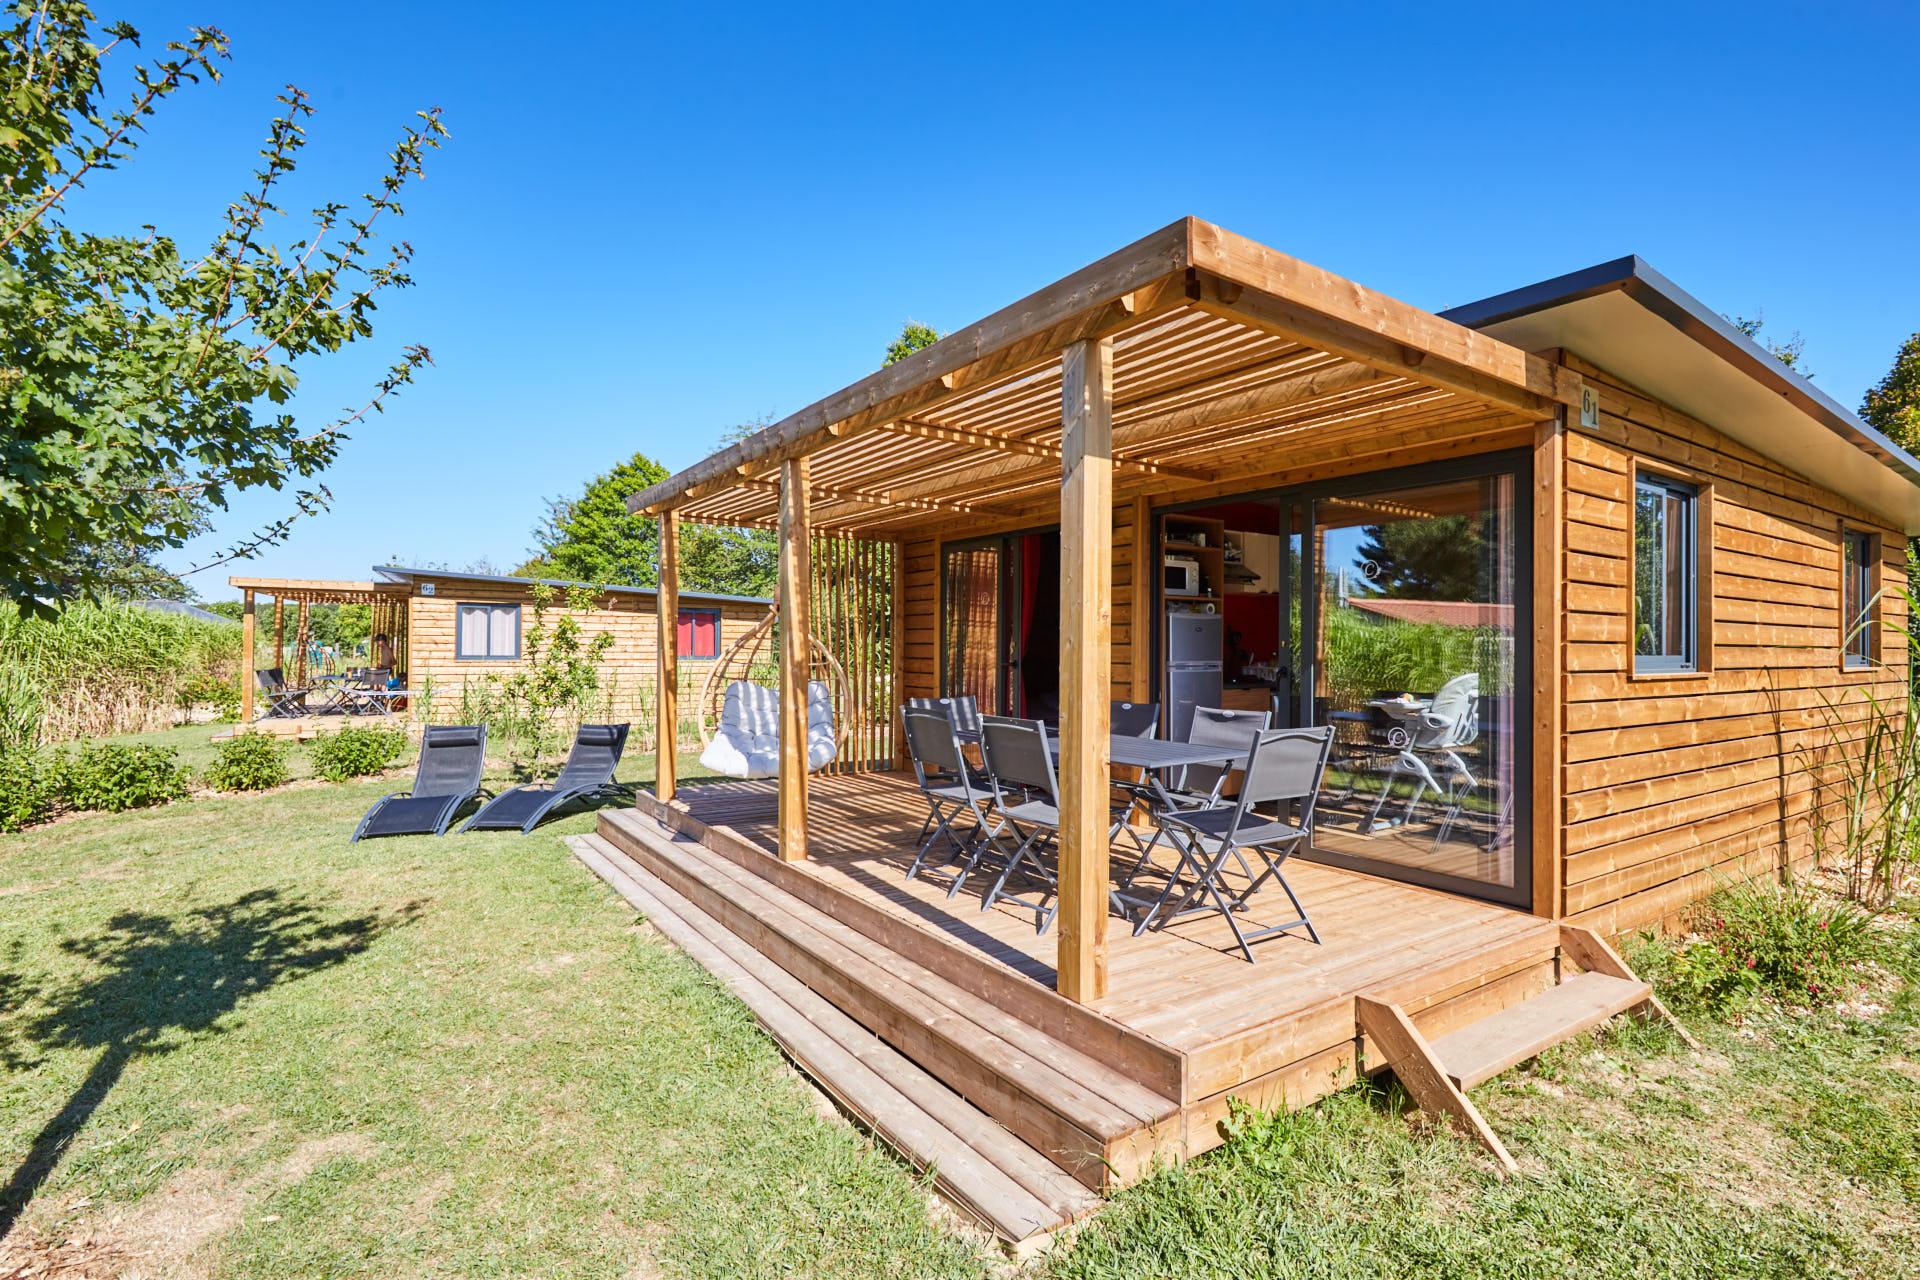 Location - Premium Côté Nature Chalet Ottawa 33M² (3 Chambres) + Terrasse Couverte Xxl - Camping Du Lac de la Chausselière